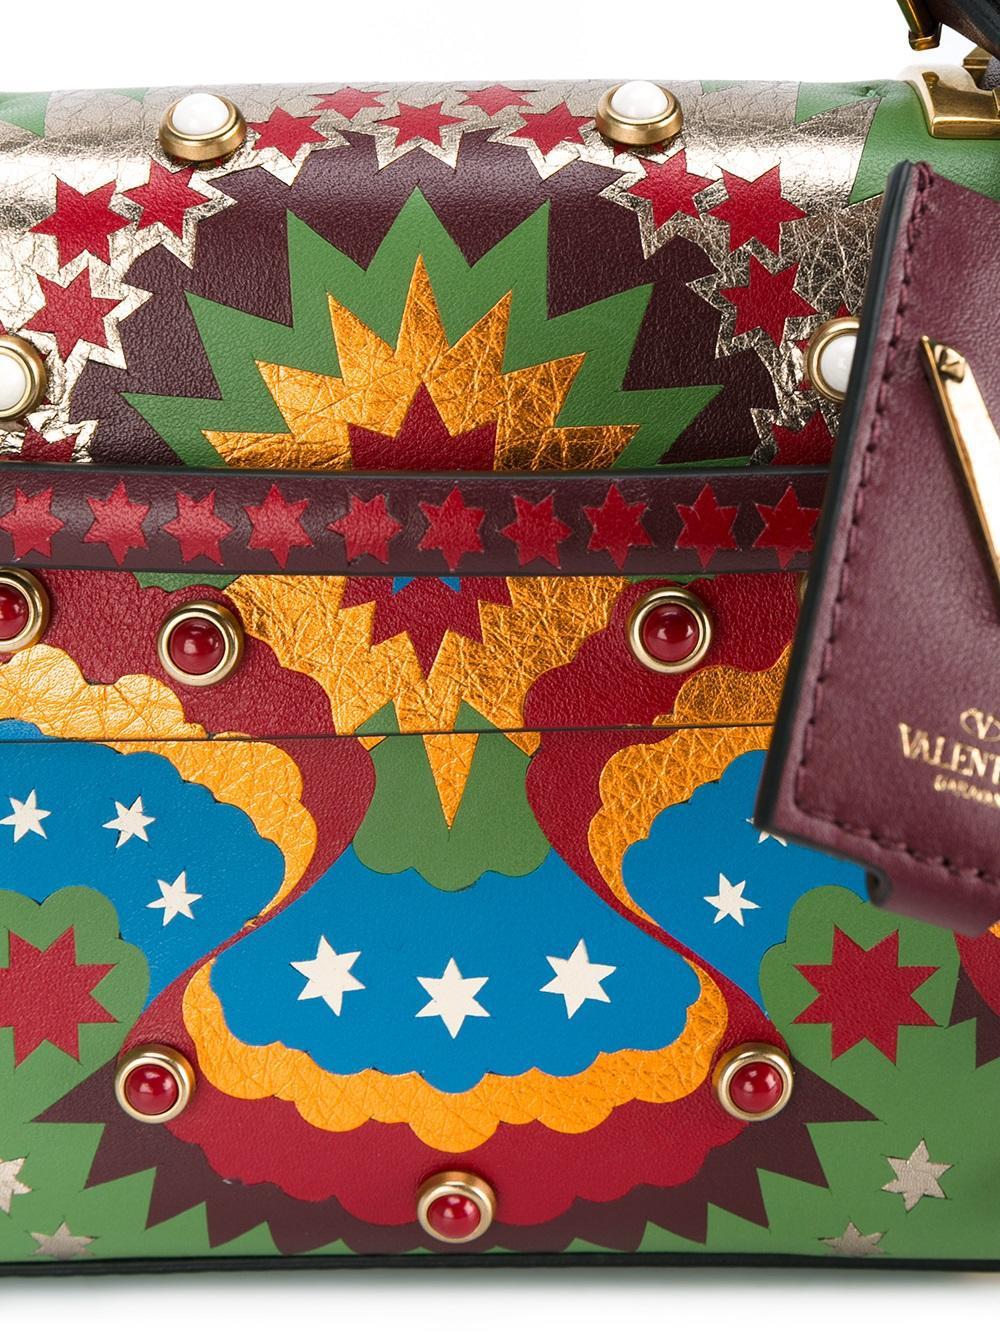 0b9b5ae83242a Valentino Garavani Micro My Rockstud Star Stripes Tote - Lyst